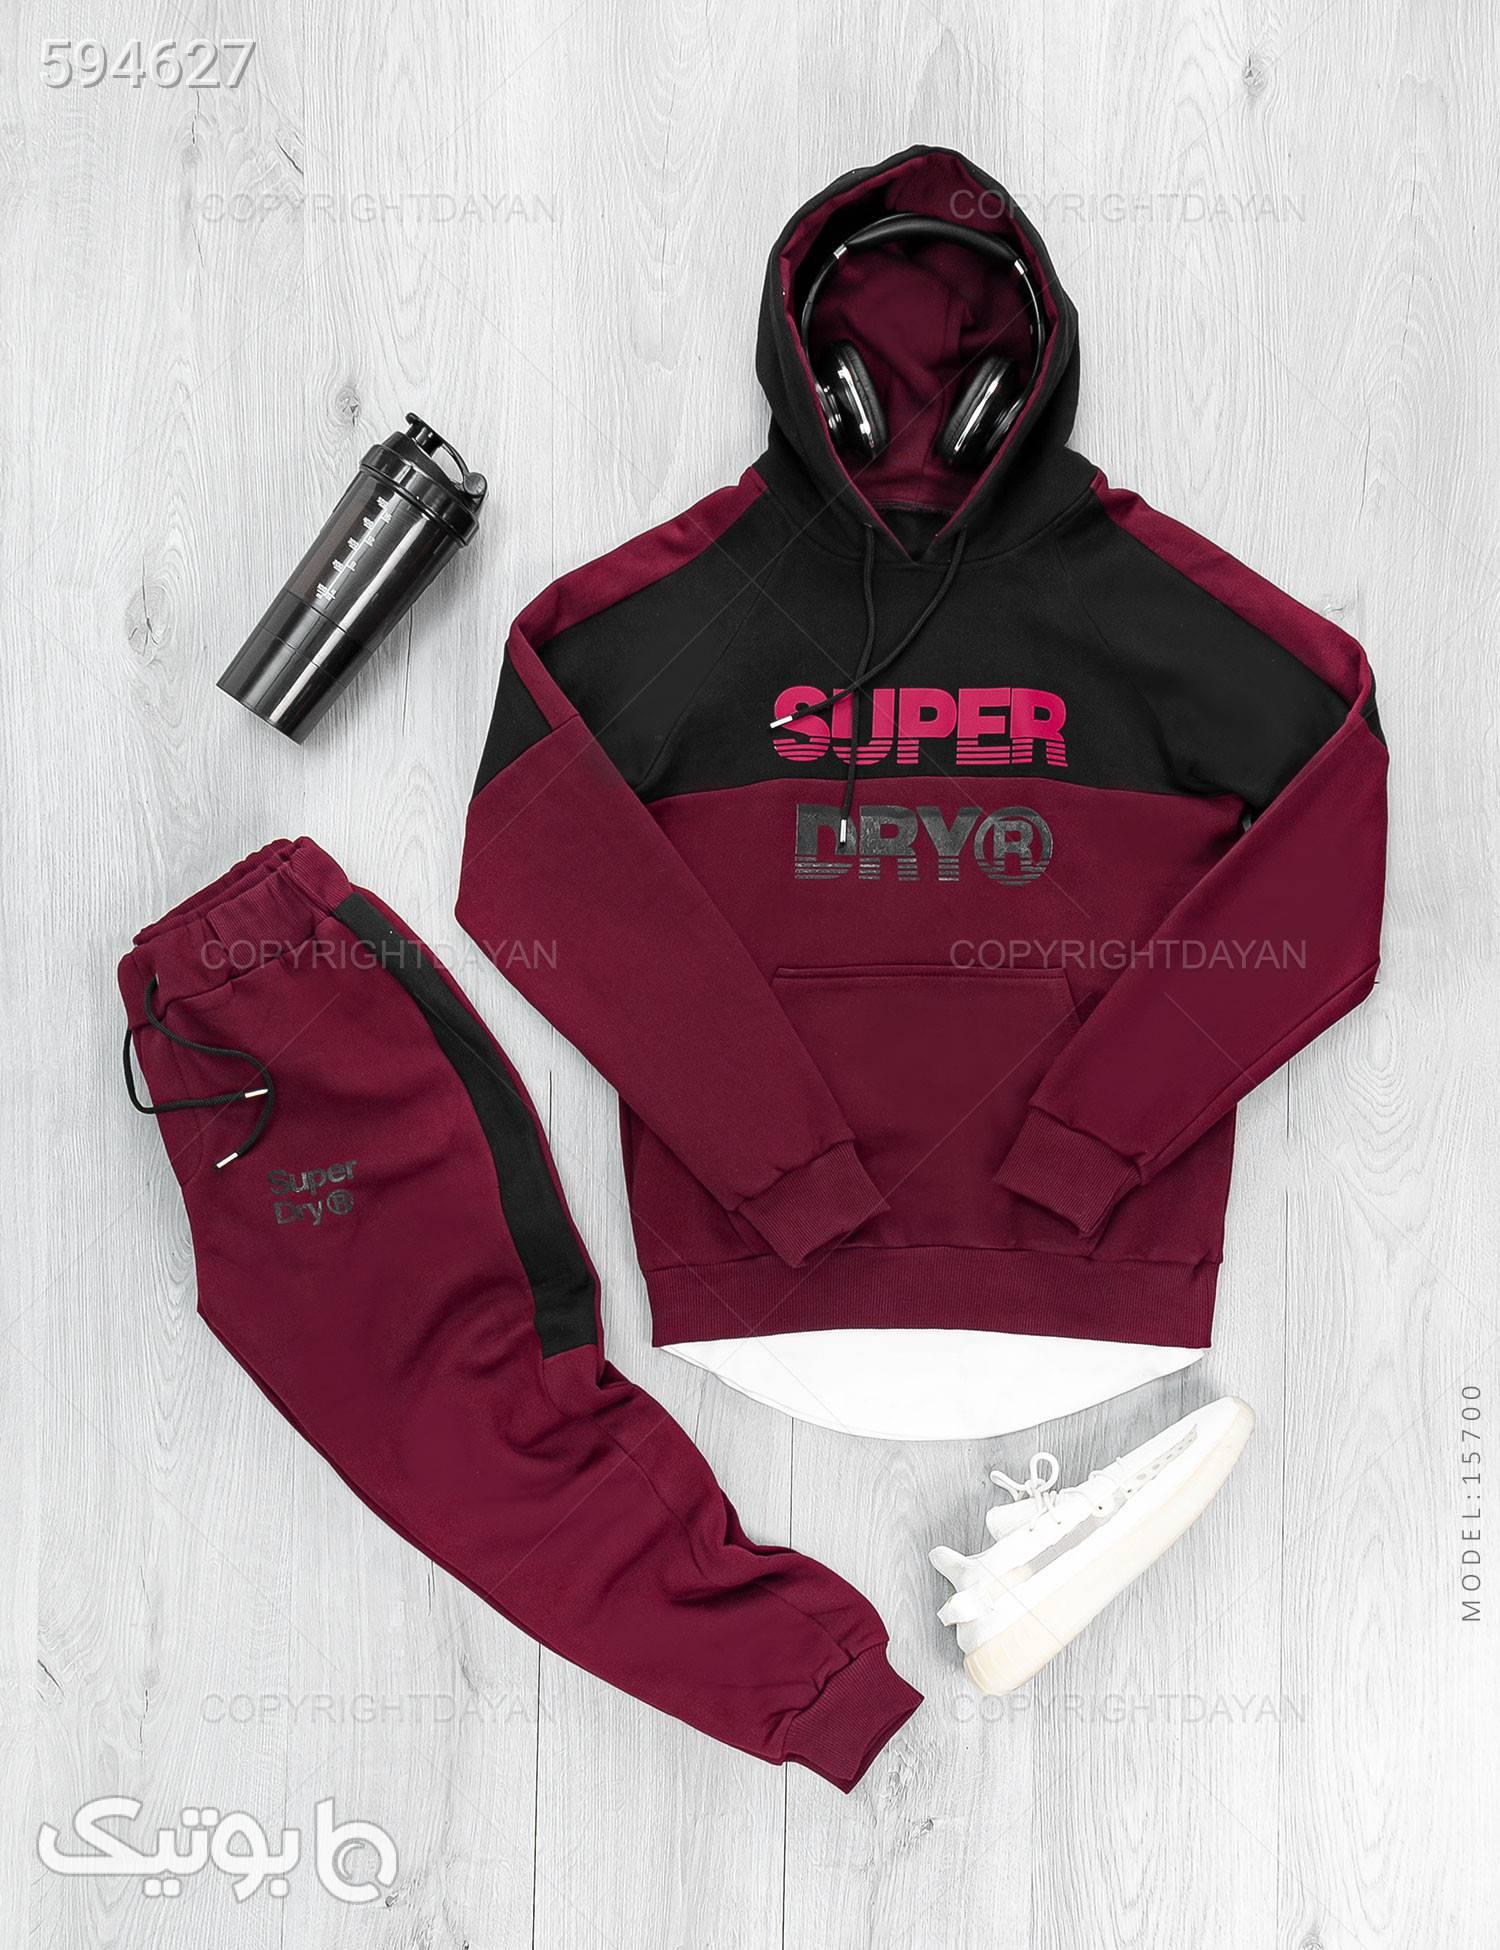 ست سویشرت و شلوار مردانه Superdry مدل 15700 زرشکی ست ورزشی مردانه